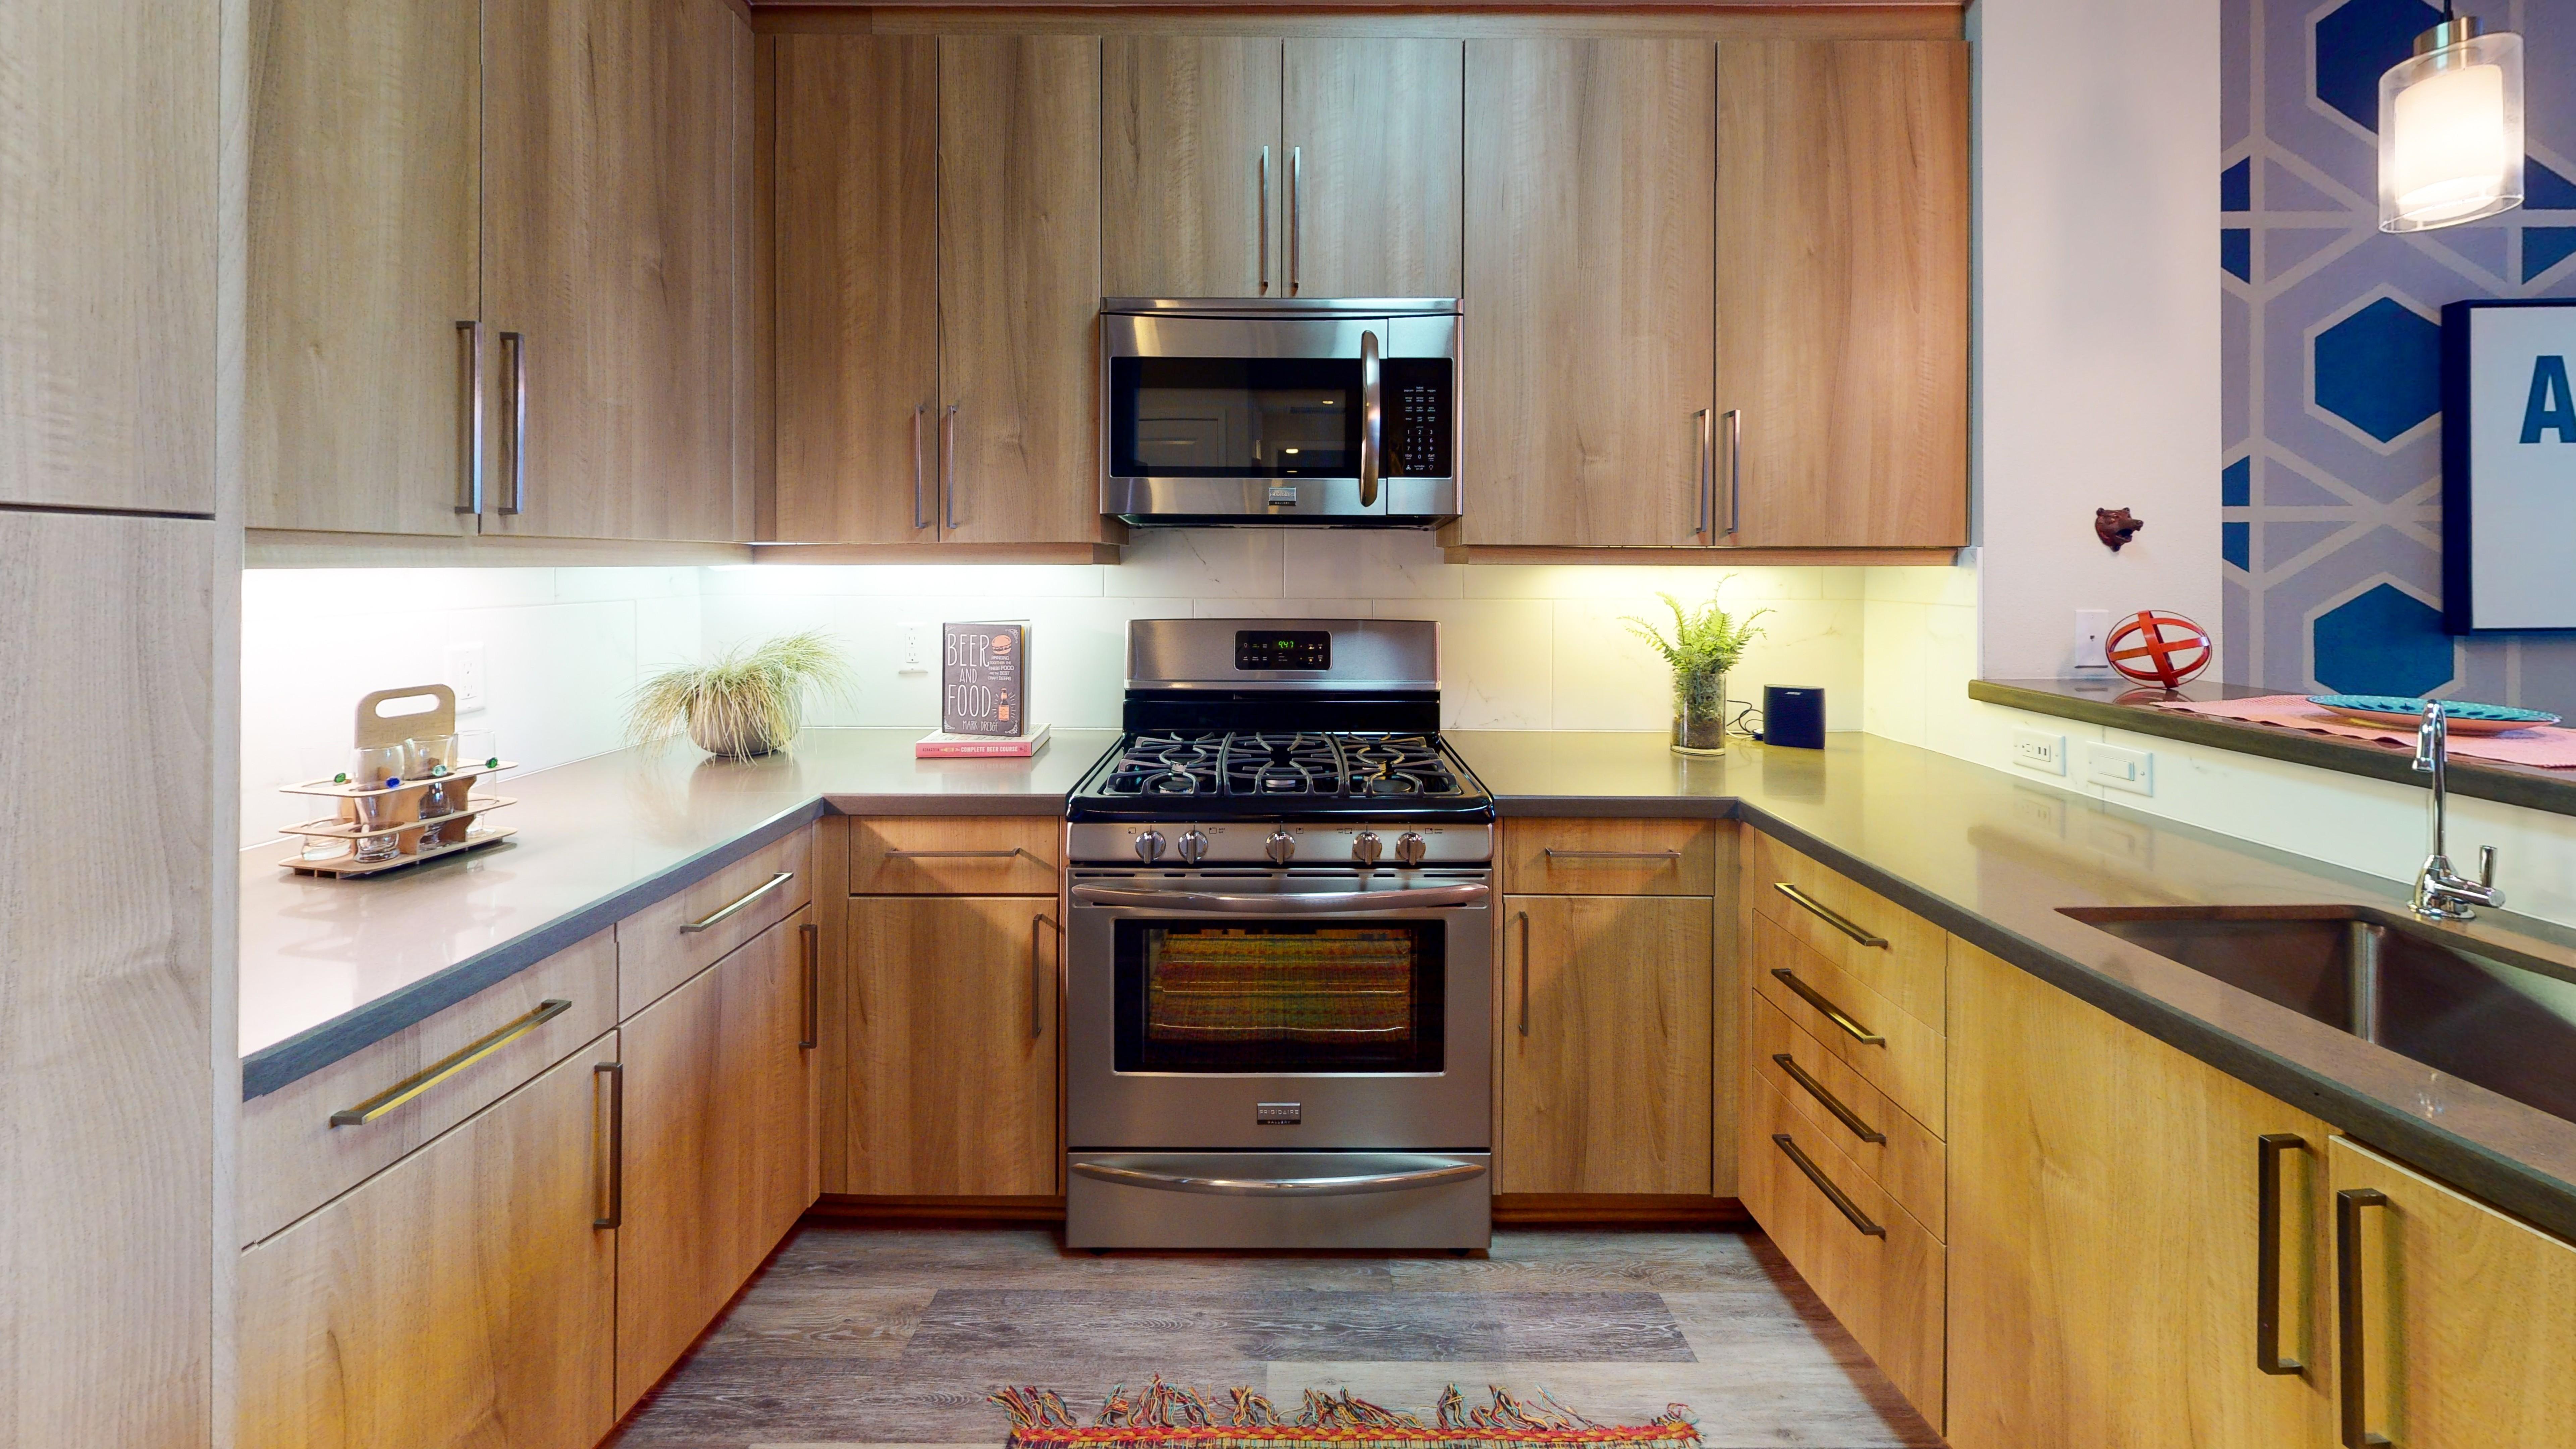 Apartments Near San Diego Mesa College  Olympus Corsair for San Diego Mesa College  Students in San Diego, CA